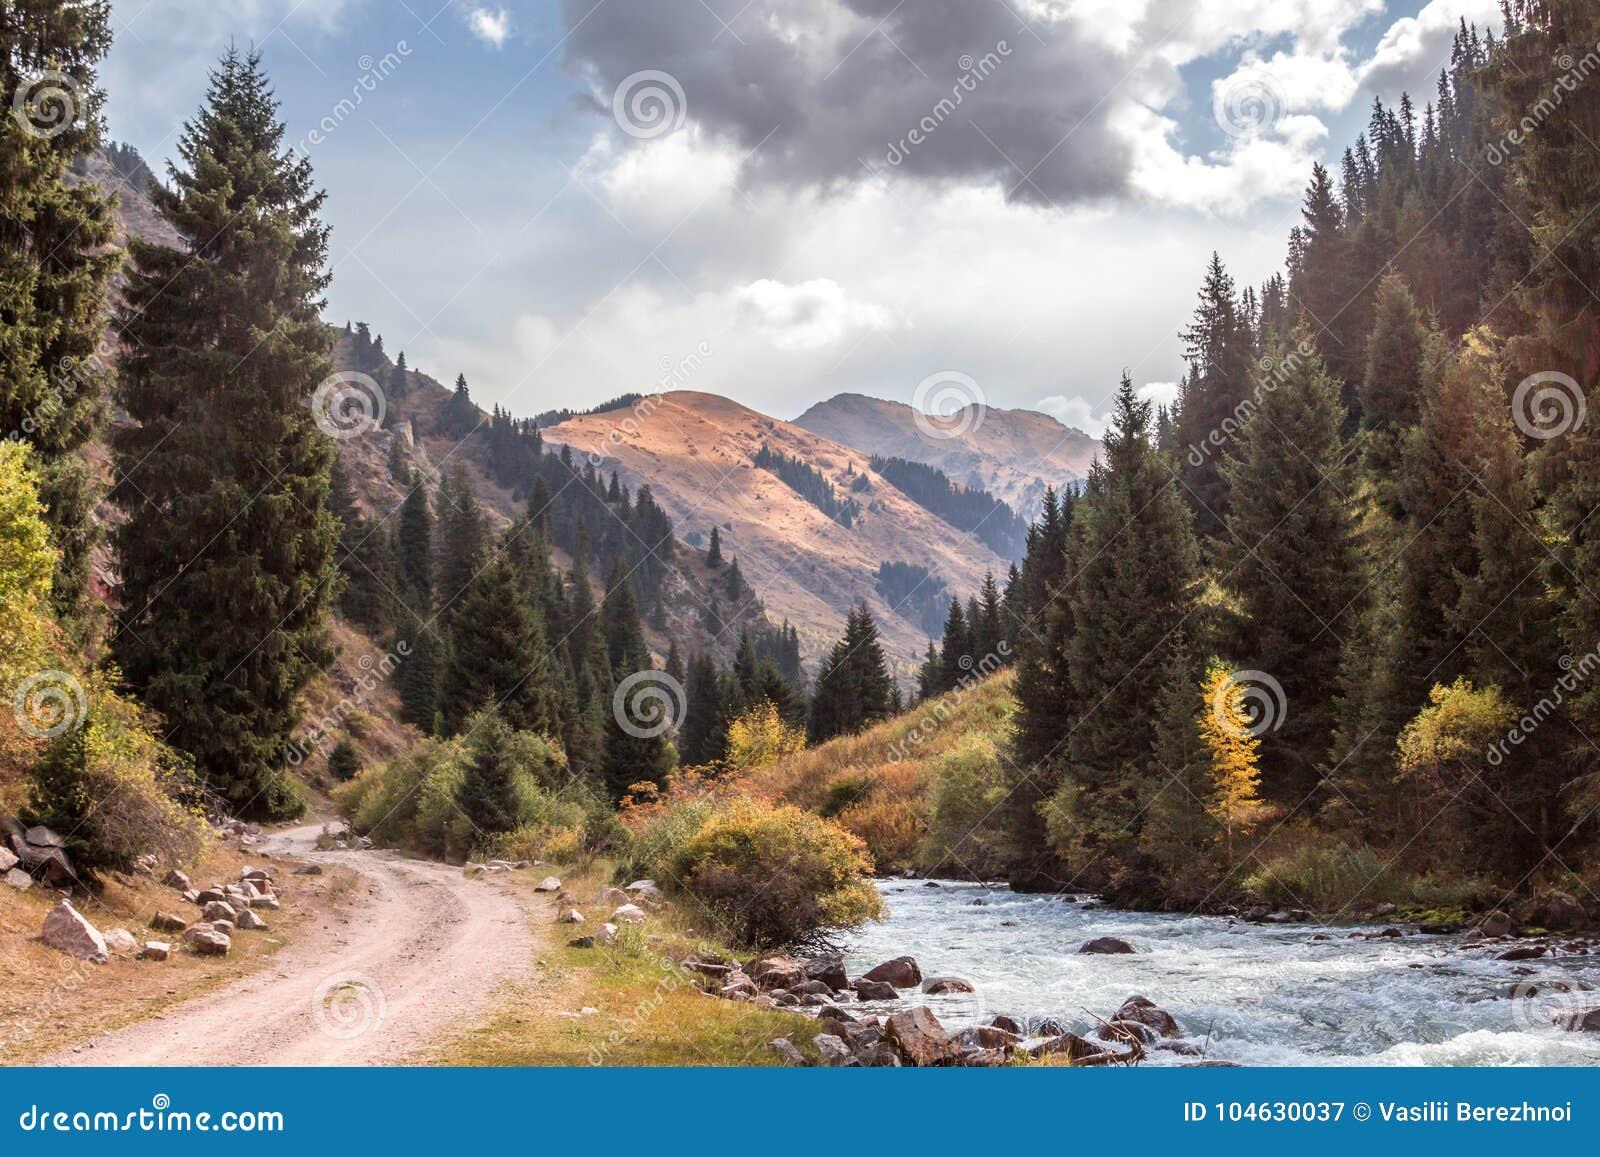 Download Weg en rivier stock afbeelding. Afbeelding bestaande uit kyrgyzstan - 104630037